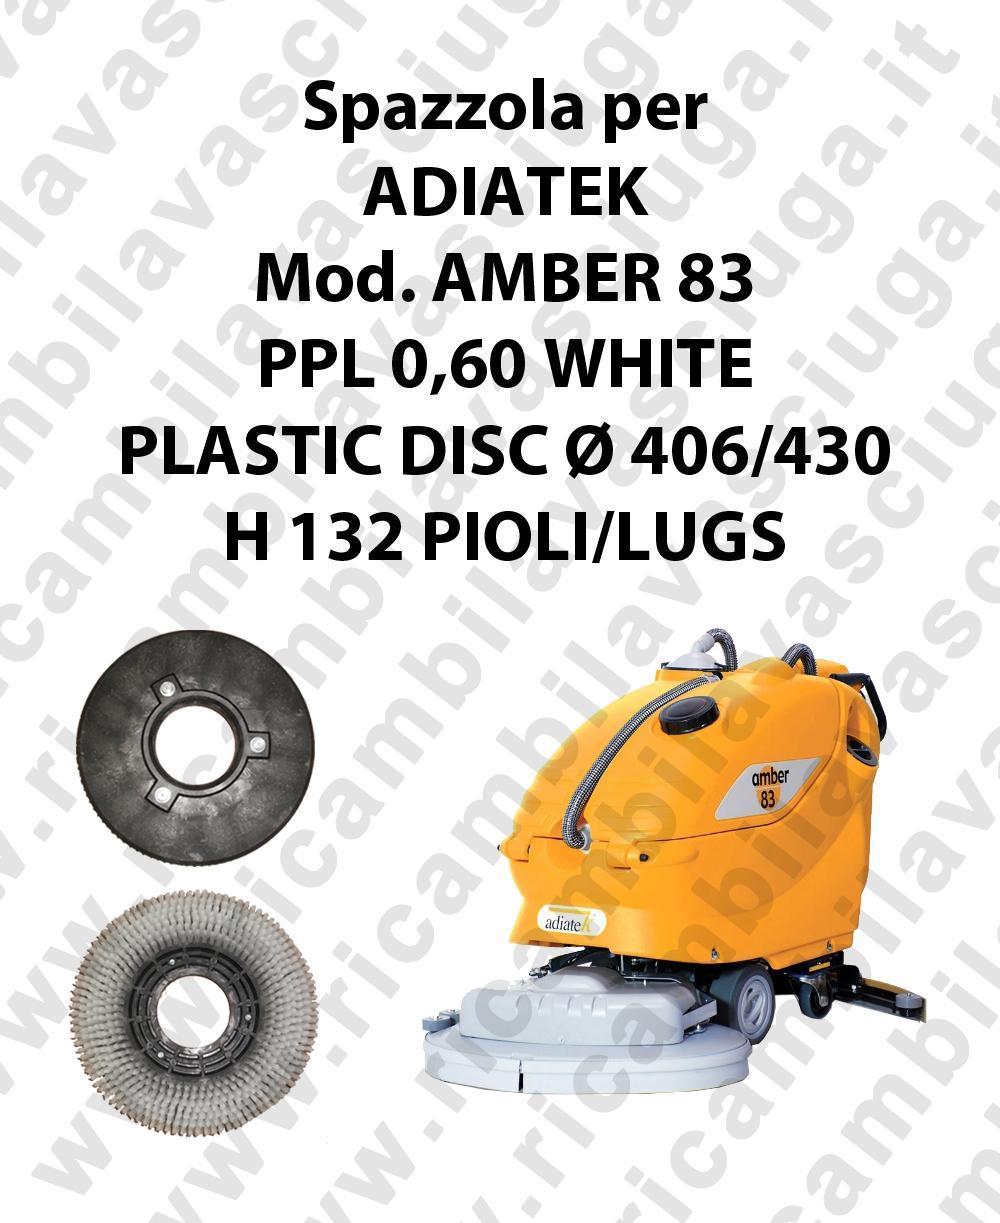 Cleaning Brush PPL 0,60 WHITE for scrubber dryer ADIATEK Model AMBER 83